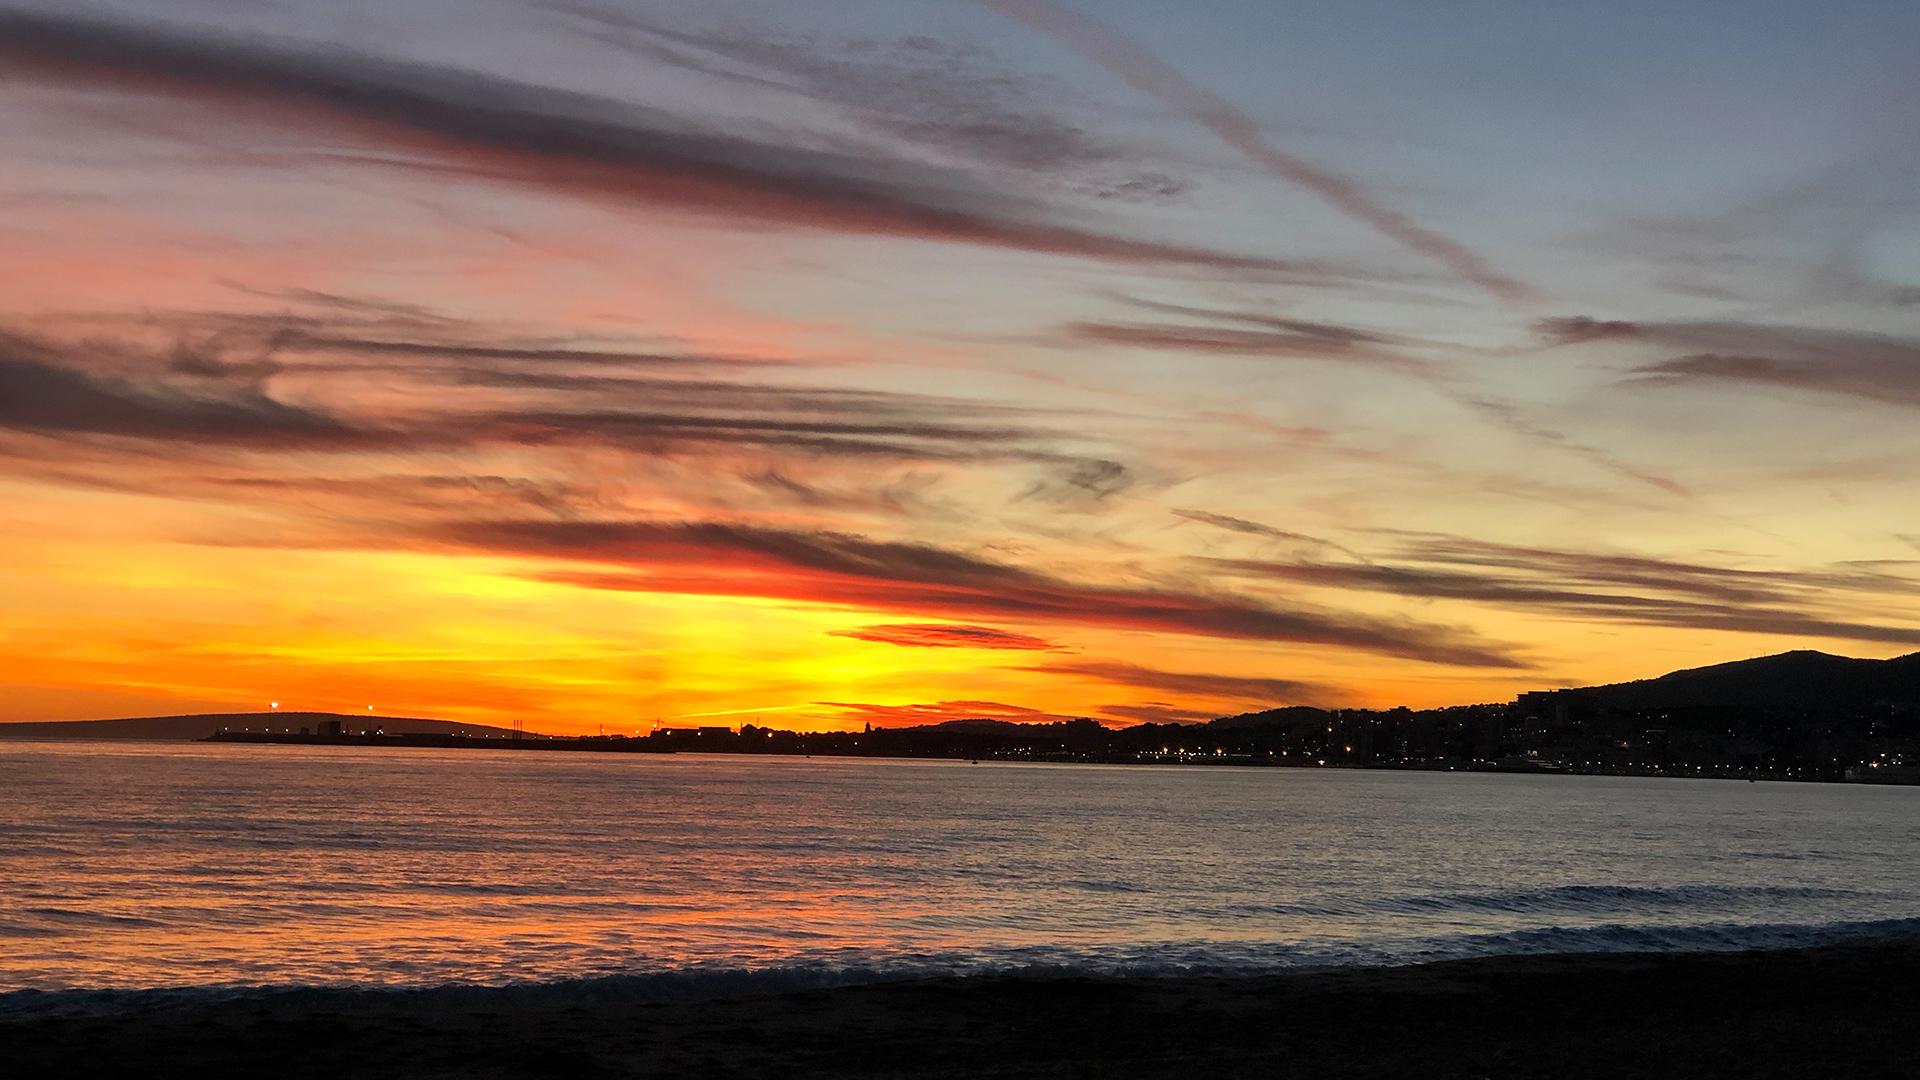 Sunset beach autumn Photo Adele Chretien